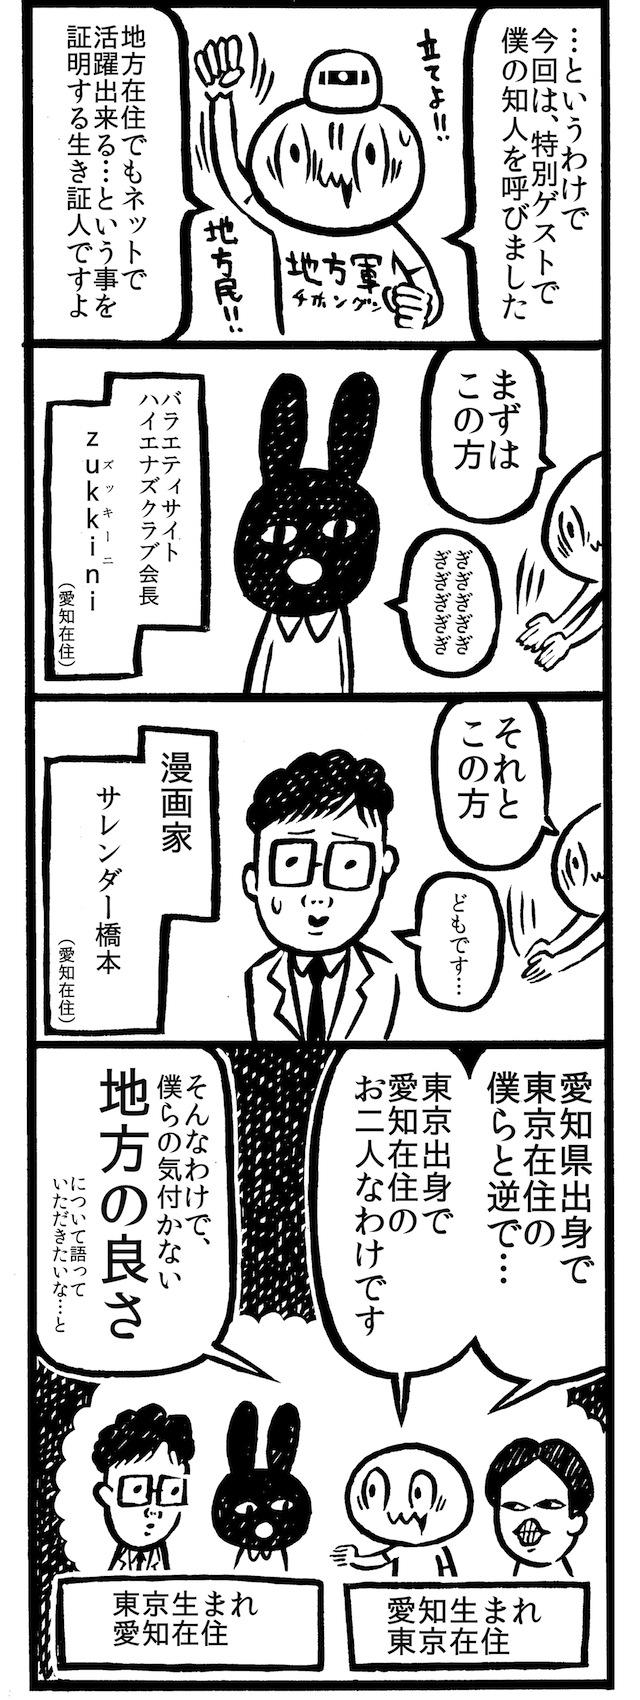 f:id:kakijiro:20160322192405j:plain